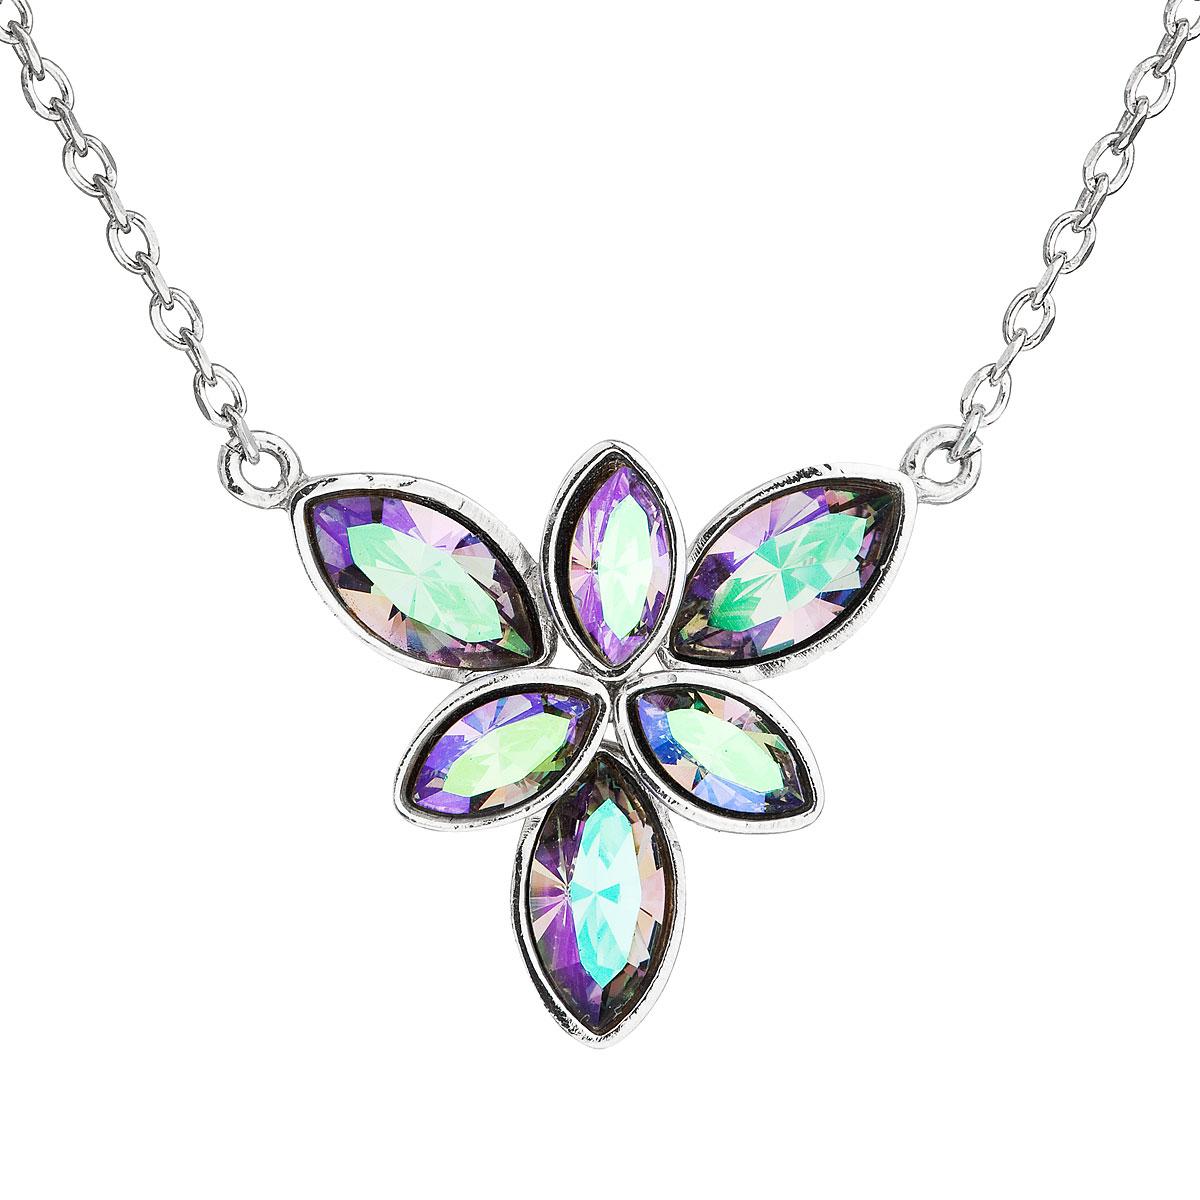 Strieborný náhrdelník s krištáľmi Swarovski modrá kytička 32047.5